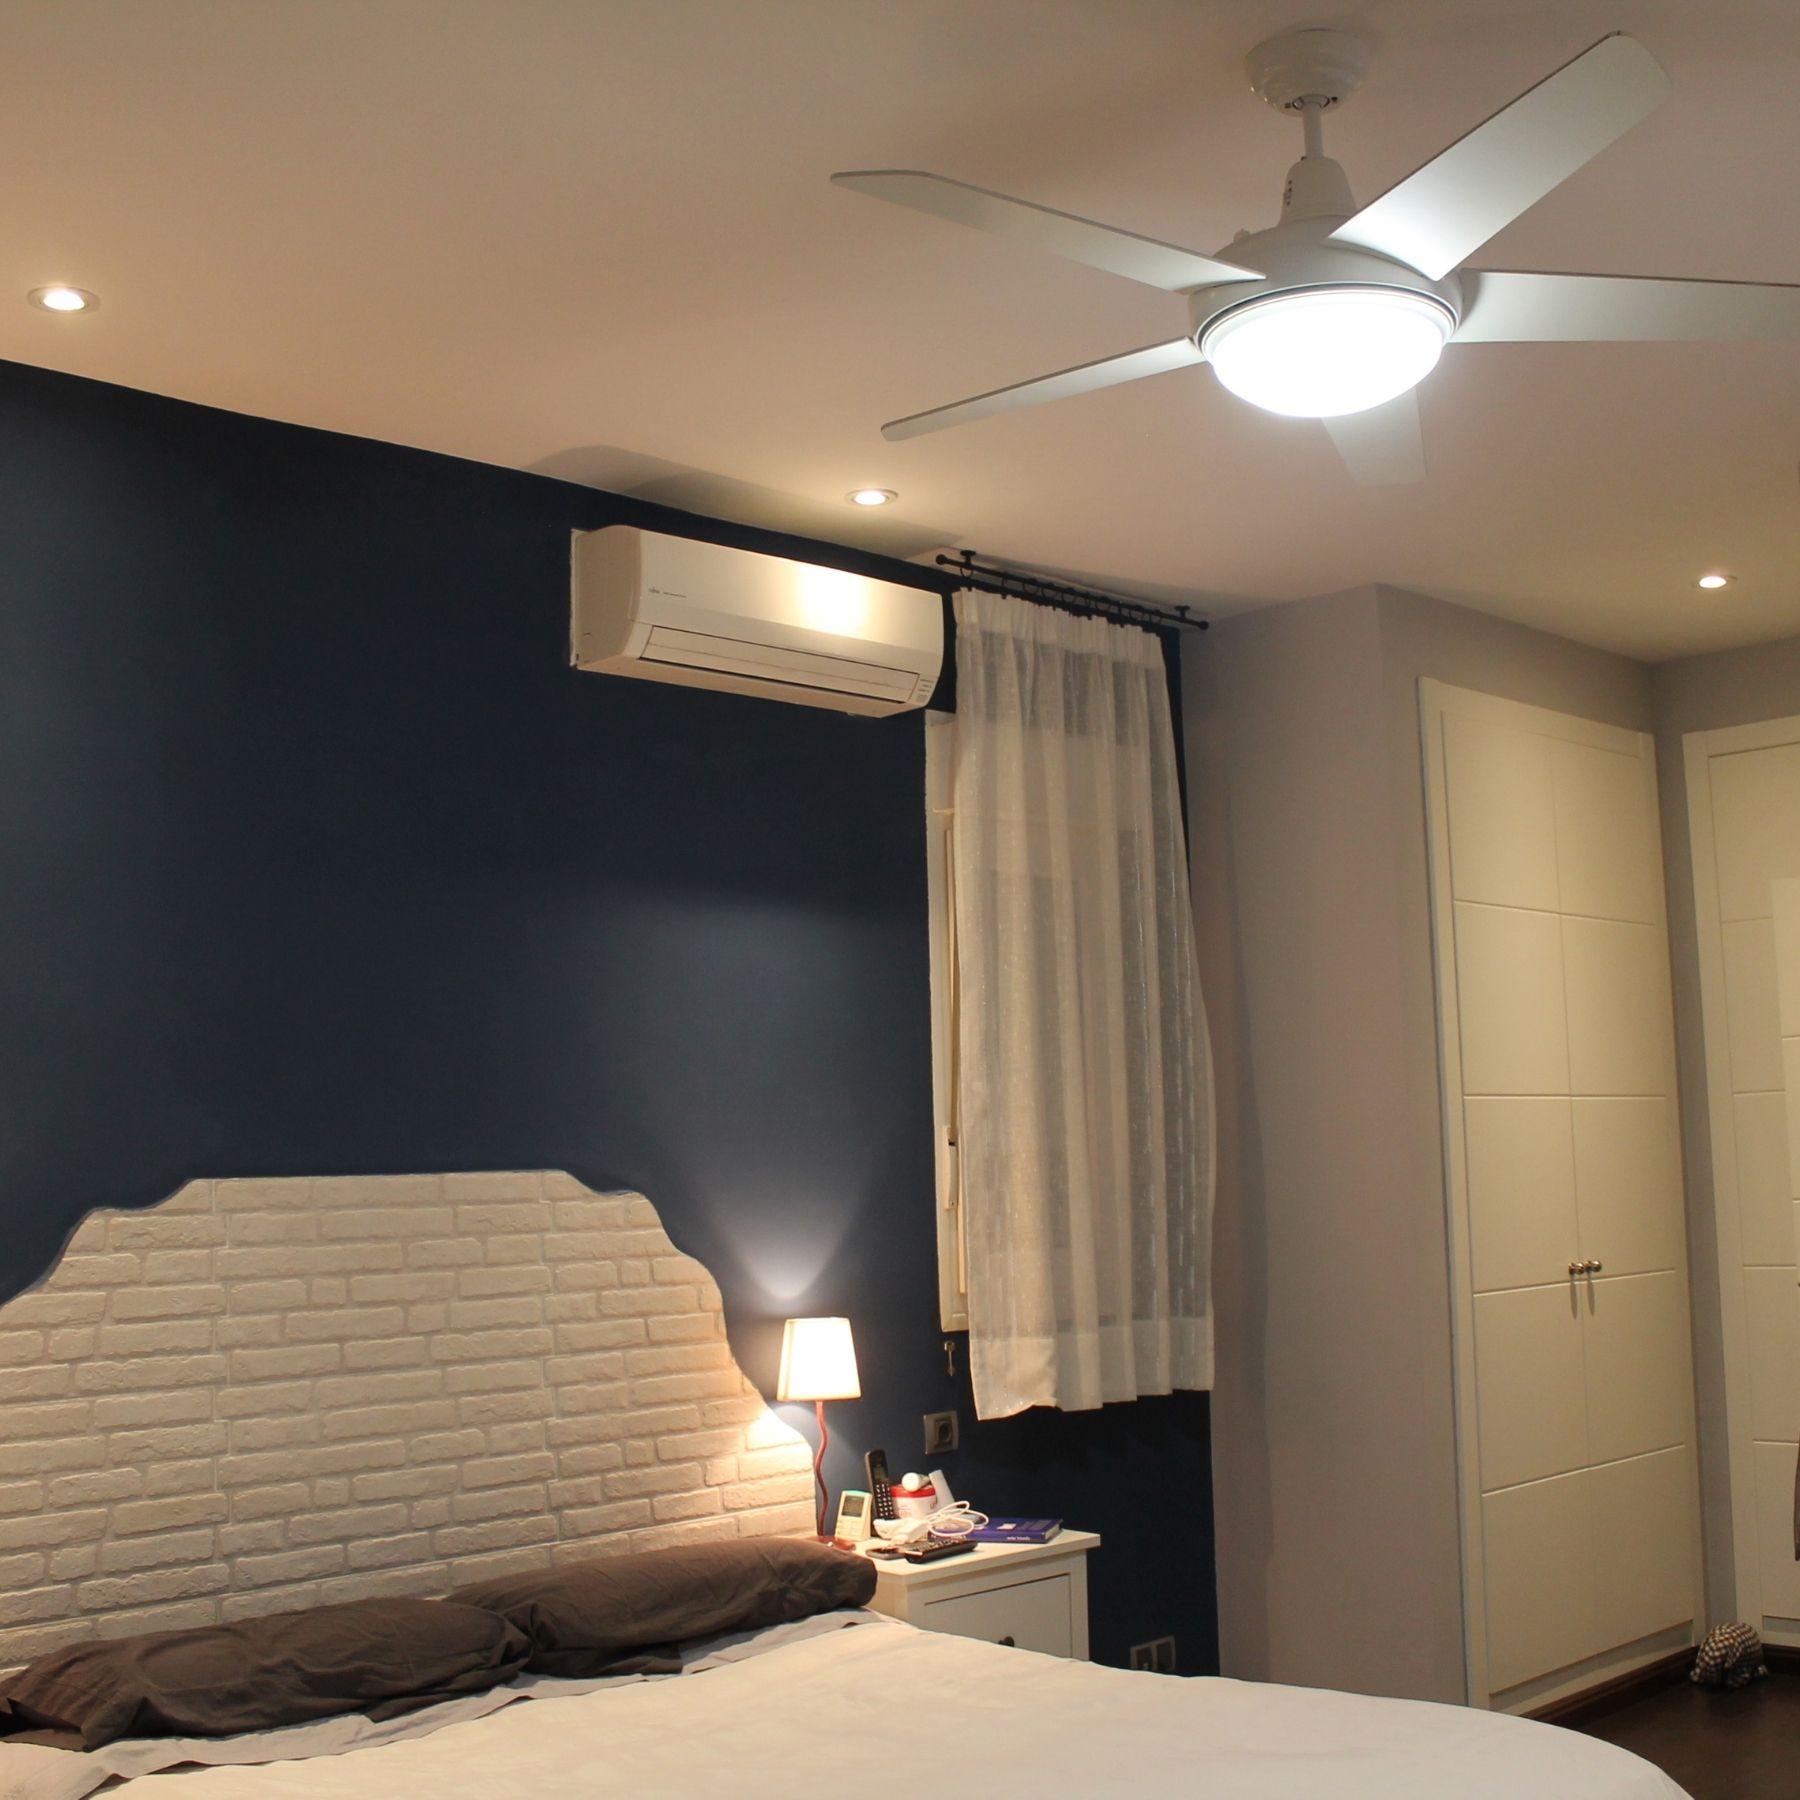 ventilador con luz dormitorio cama